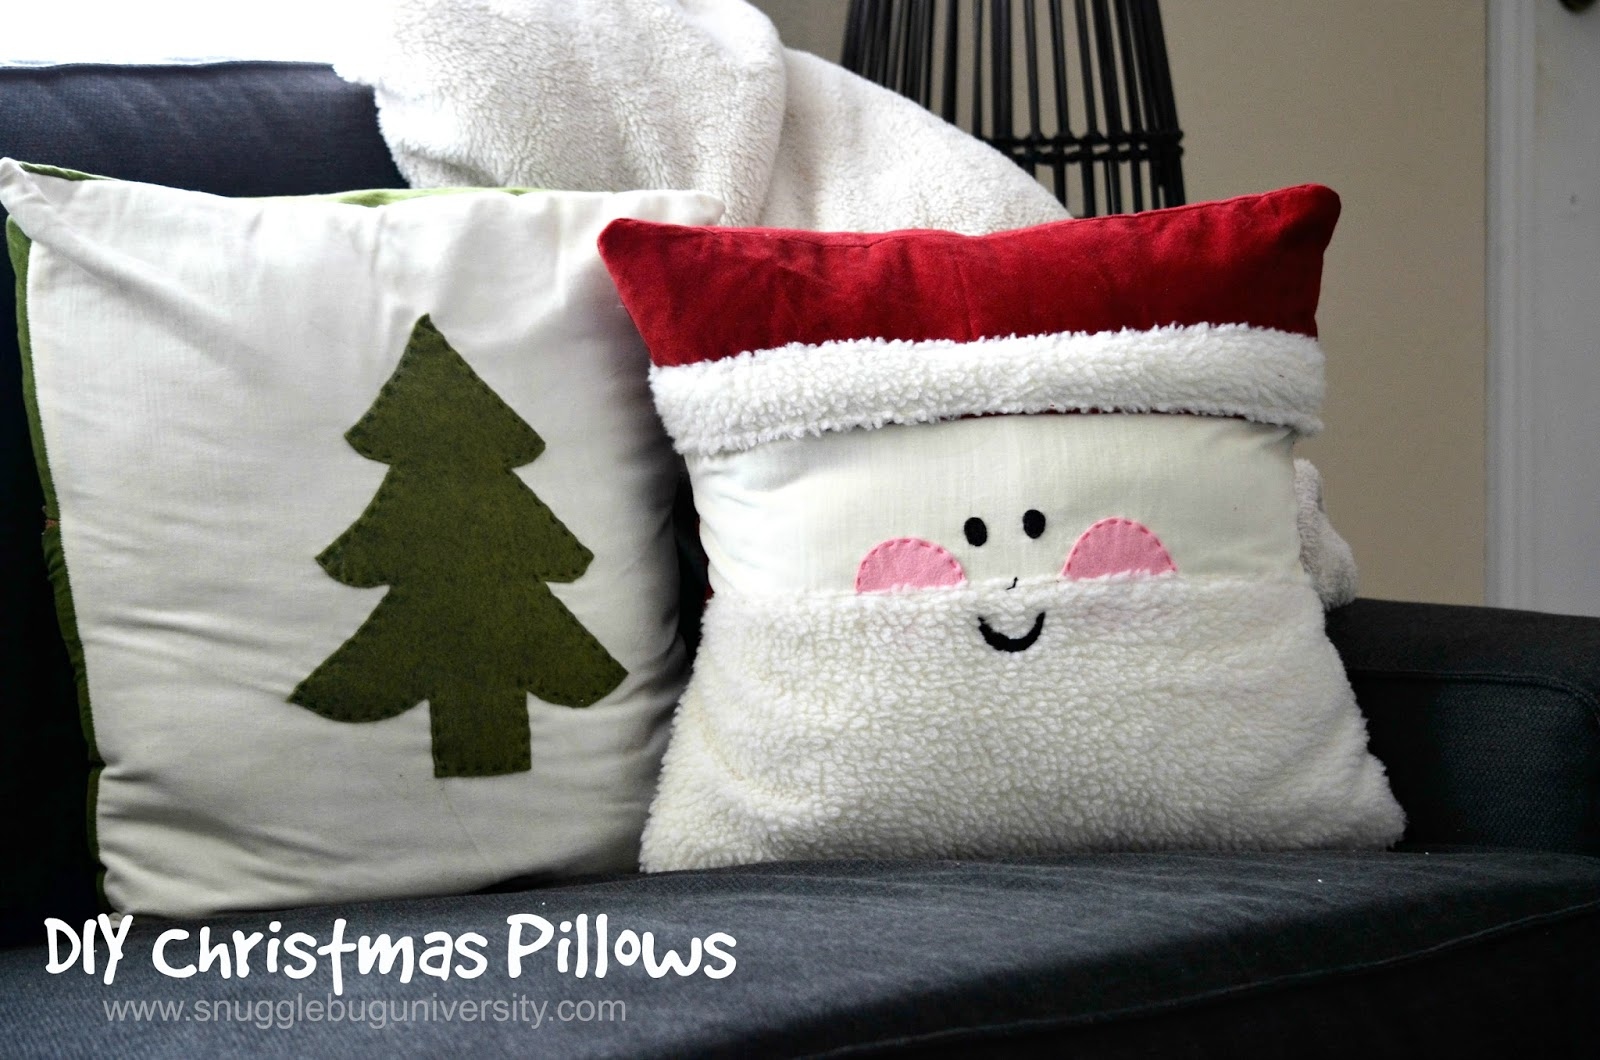 Snugglebug University: Easy Christmas Pillows